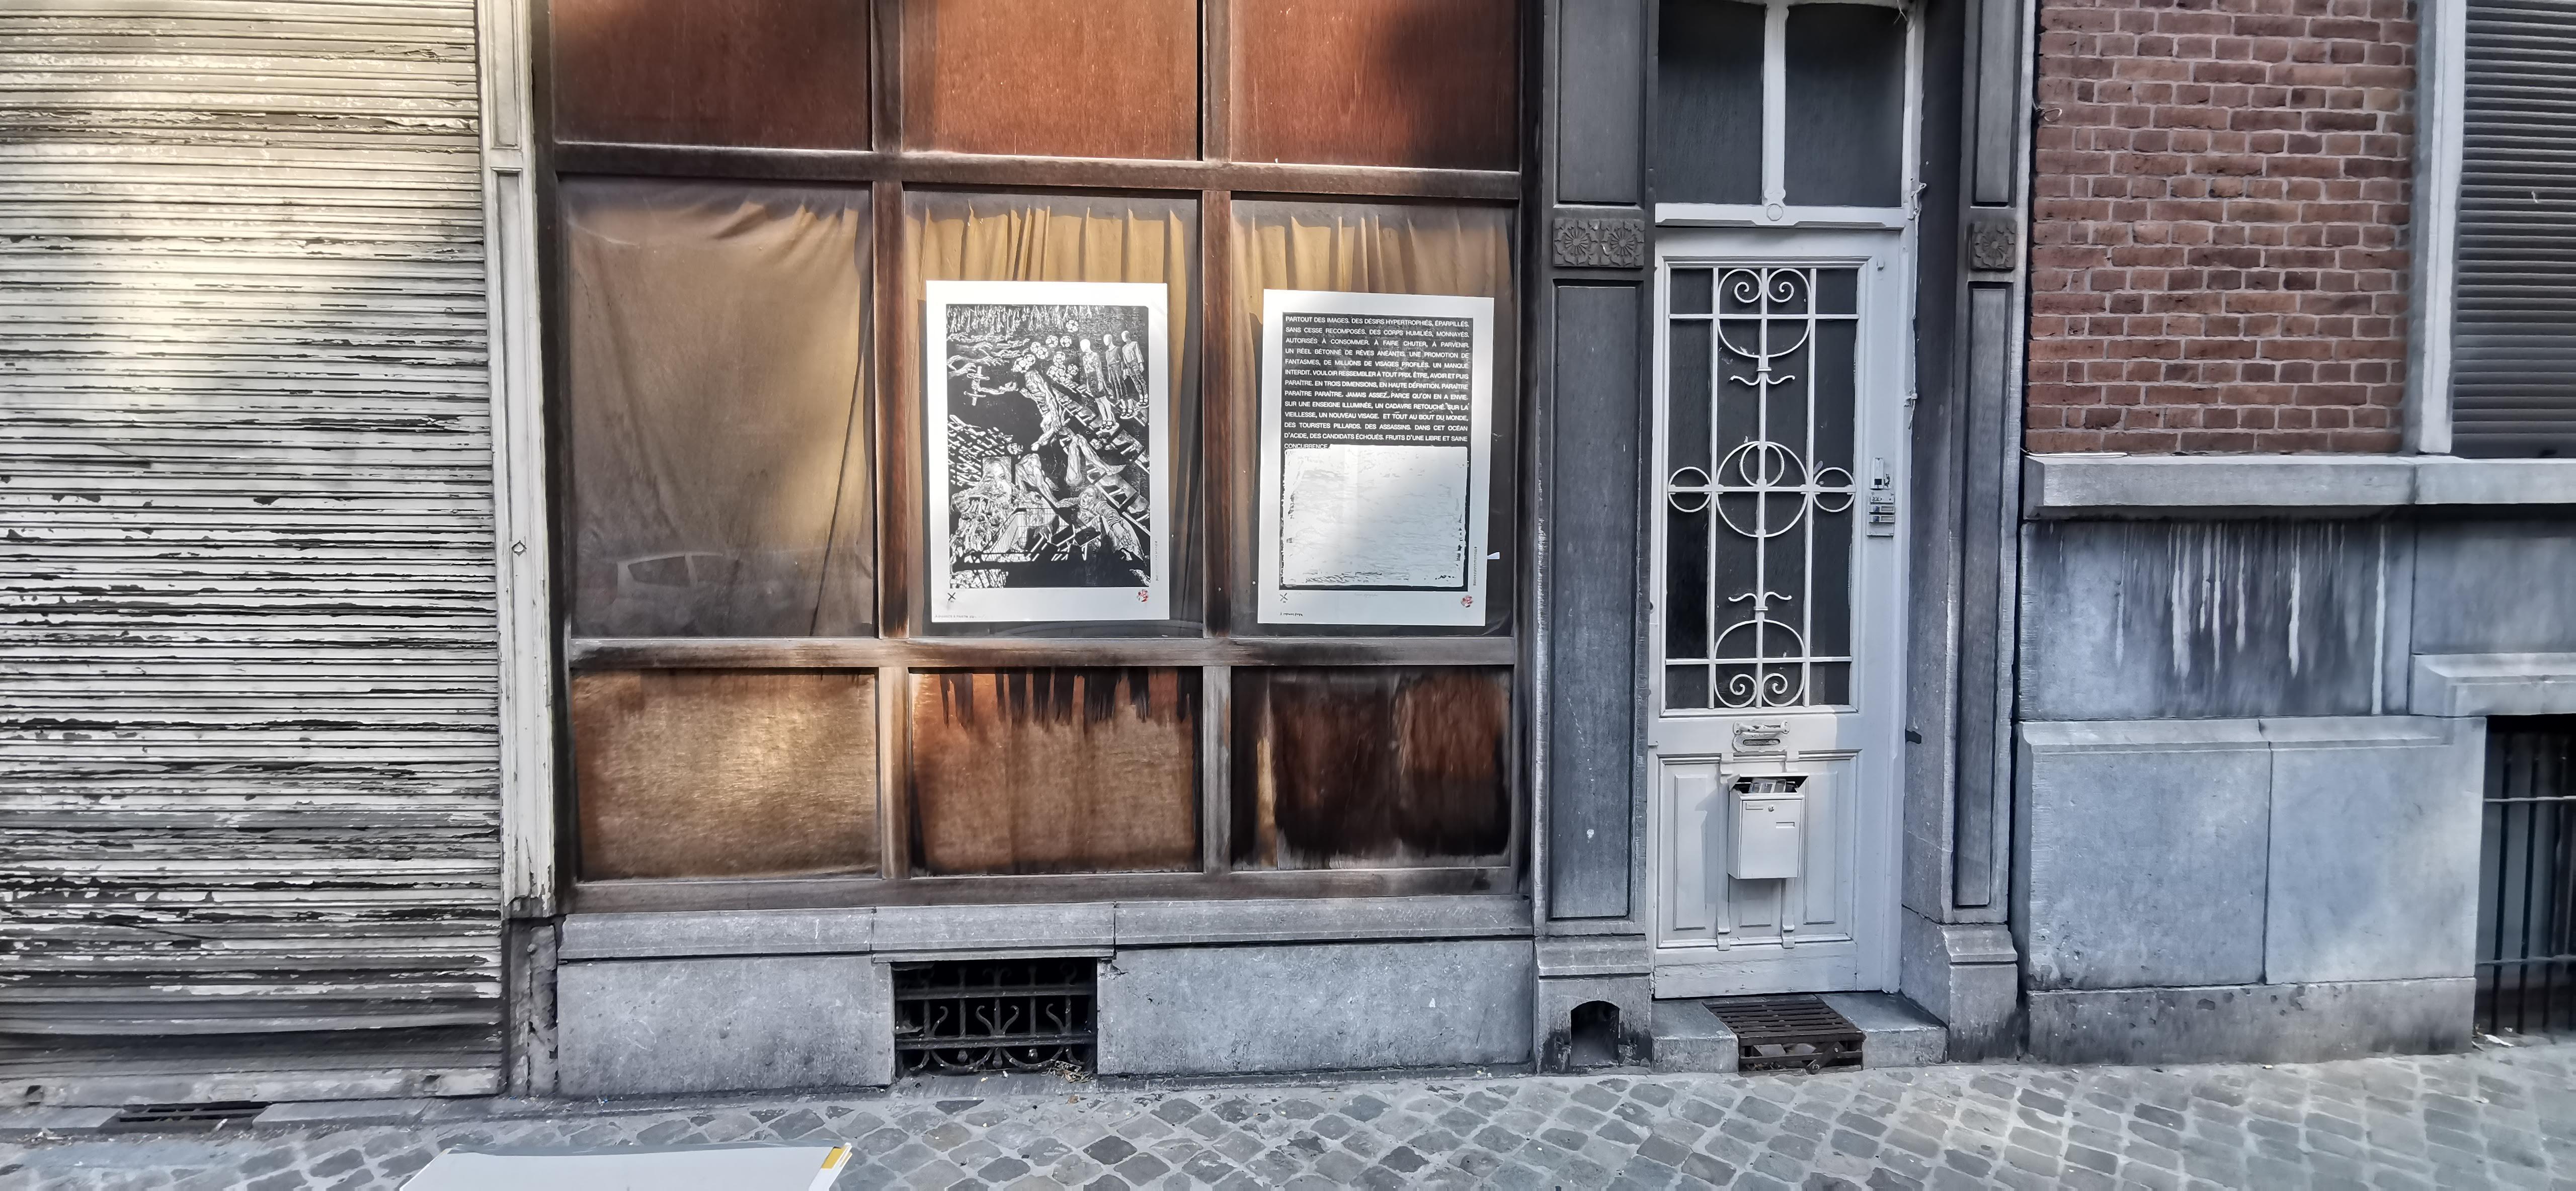 _50, Envie, Xylogravure, 13 rue pâquie